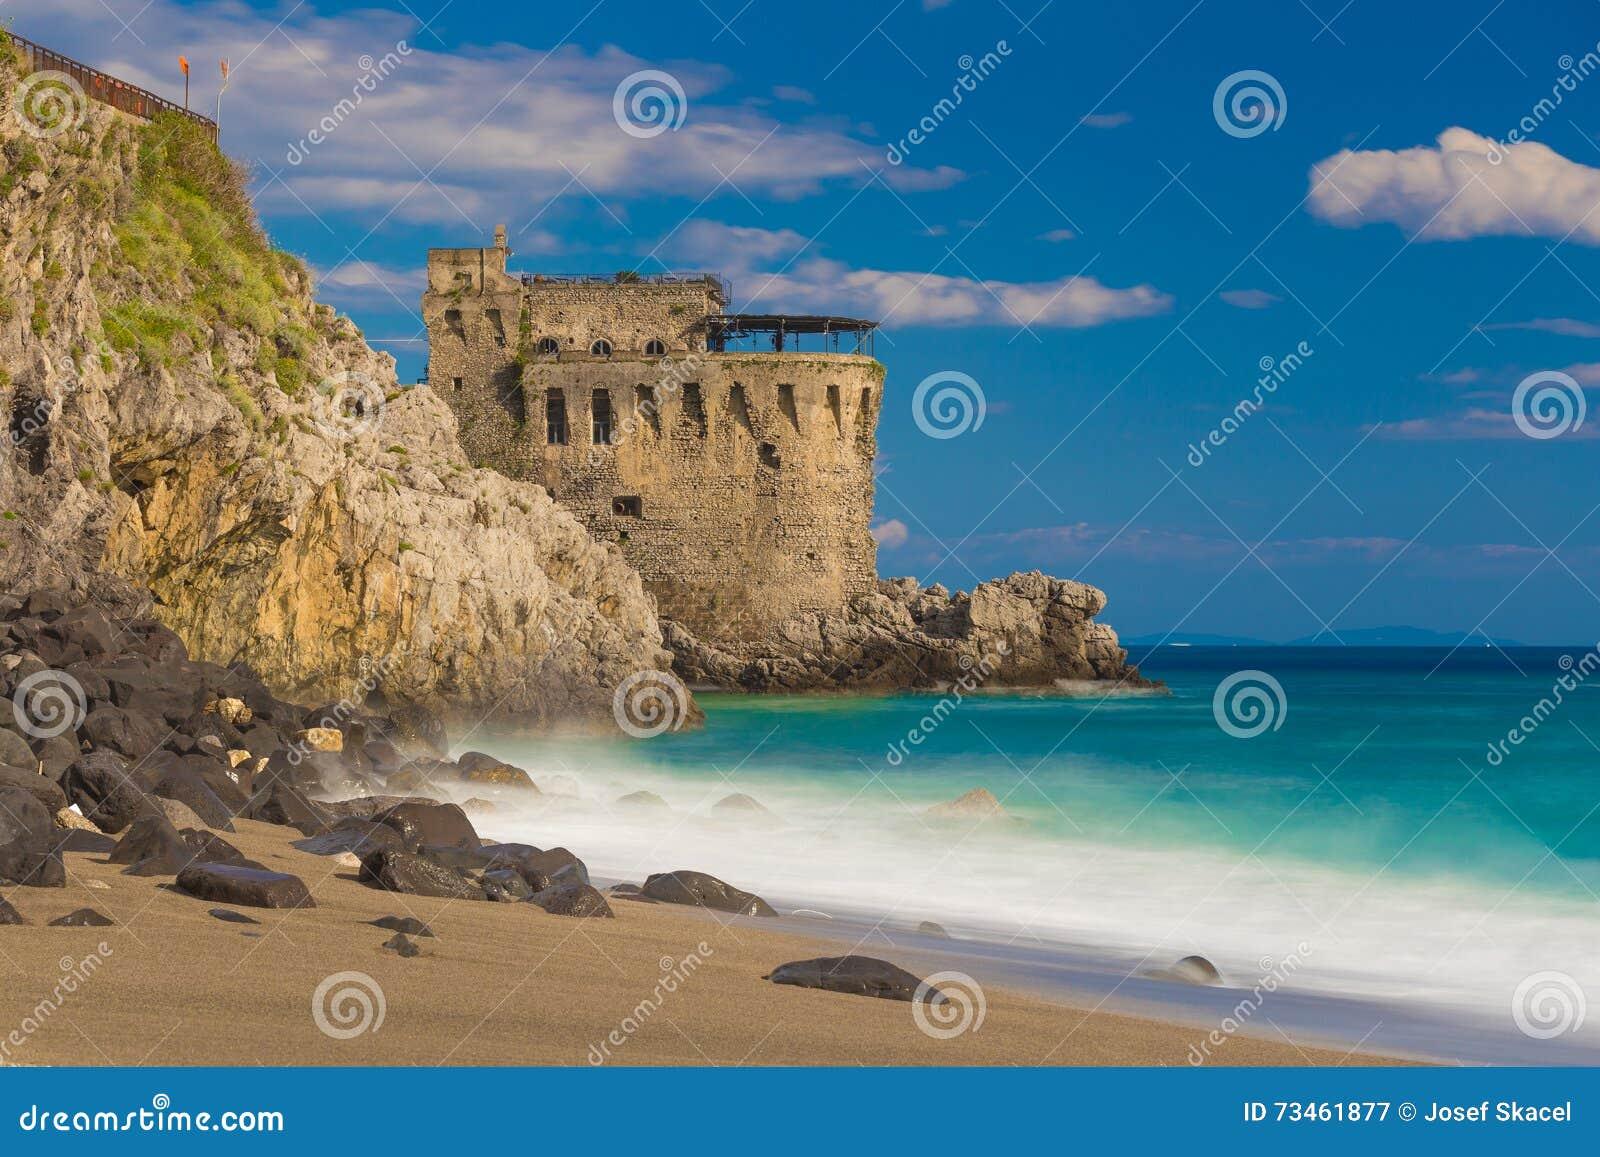 Mittelalterlicher Turm auf der Küste von Maiori-Stadt, Amalfi-Küste, Kampanien-Region, Italien